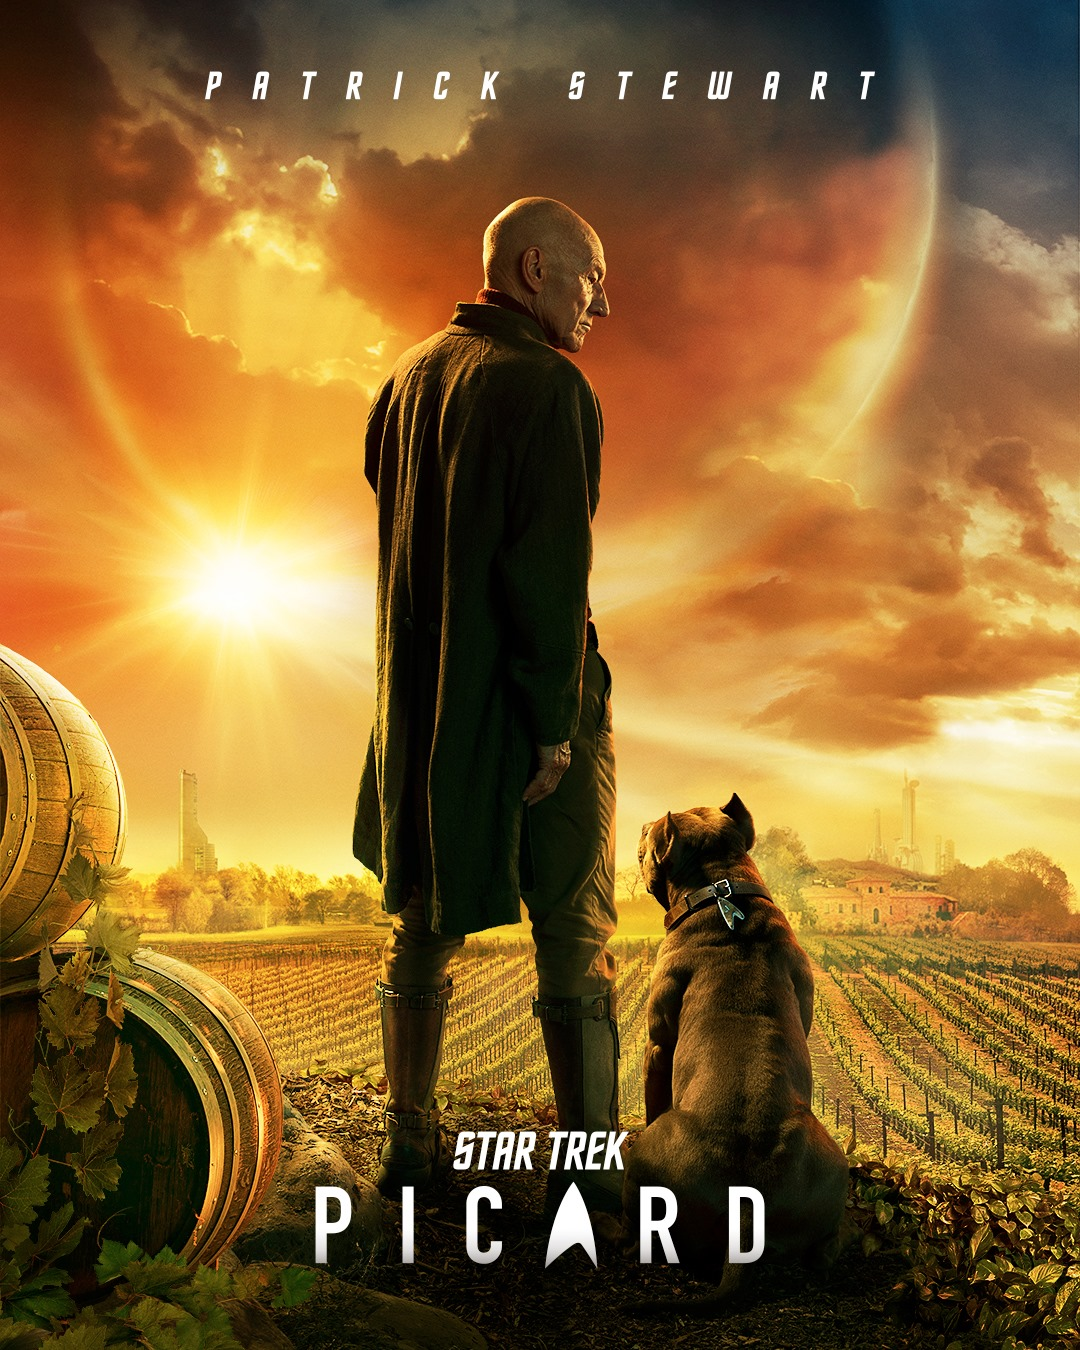 Star Trek Picard first poster